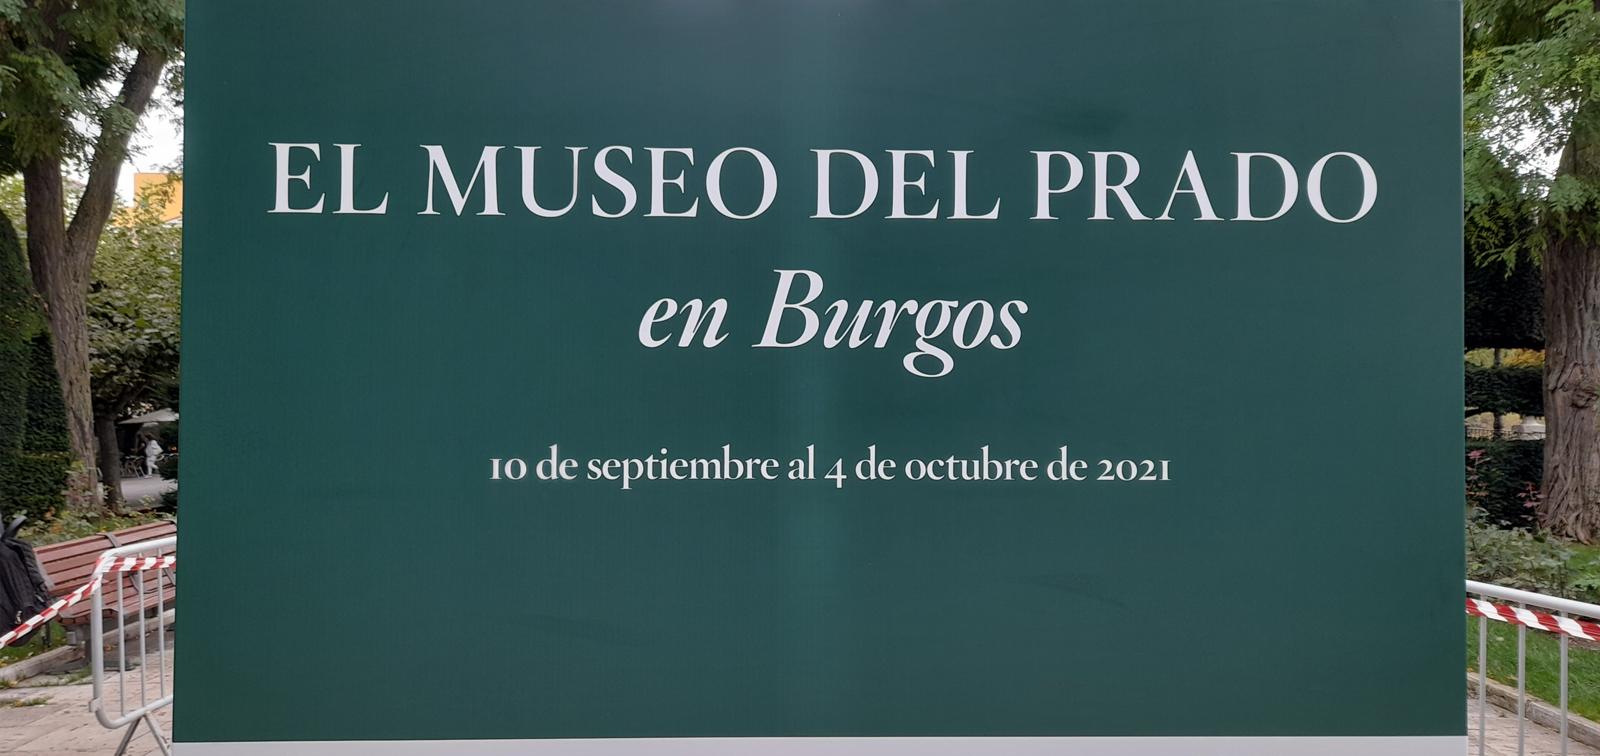 Exposición didáctica: El Museo del Prado en Burgos